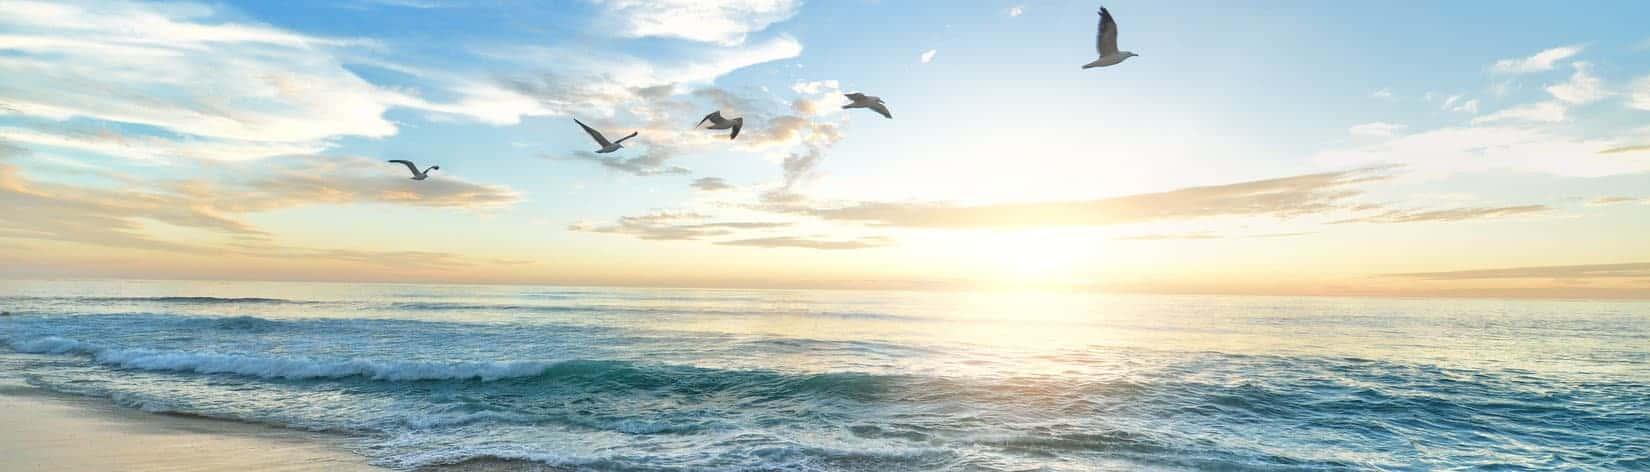 taivas ja linnut